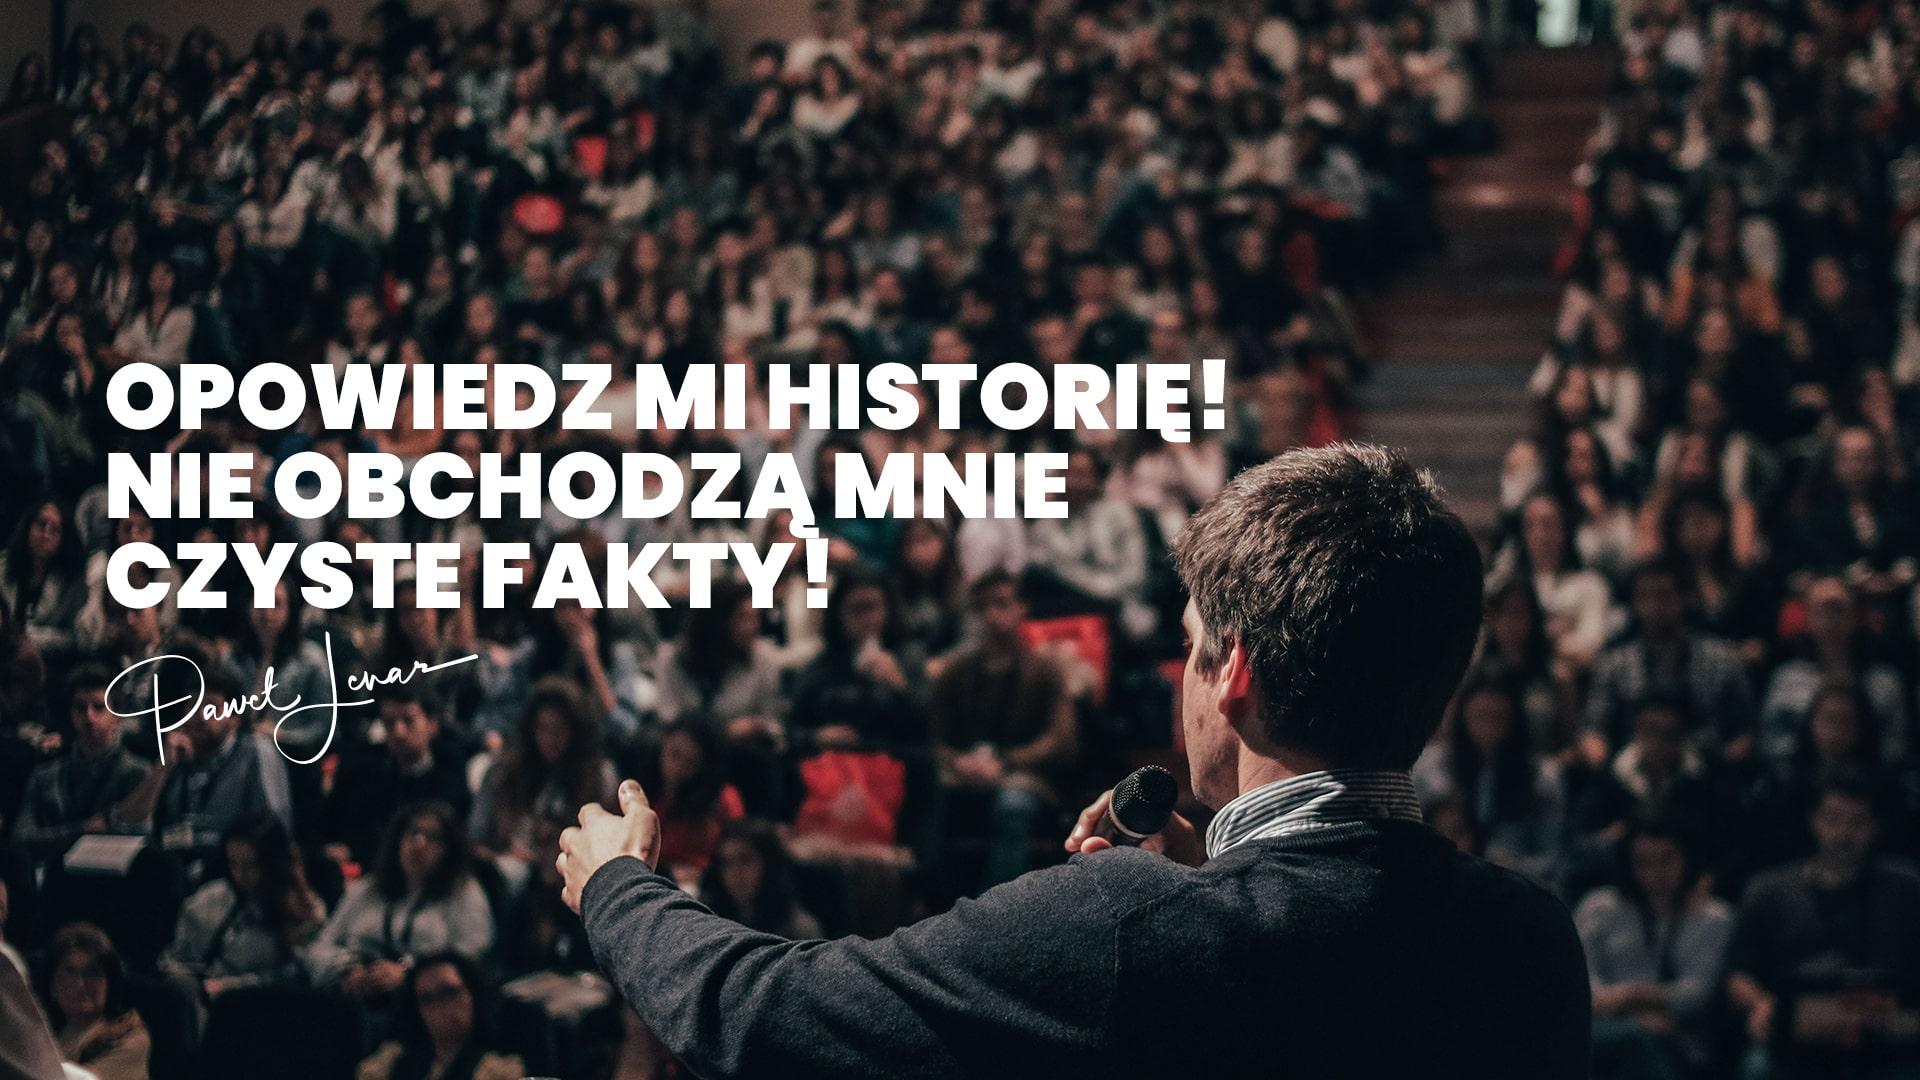 Opowiedz mi historię Nie obchodzą mnie czyste fakty - Paweł Lenar Blog